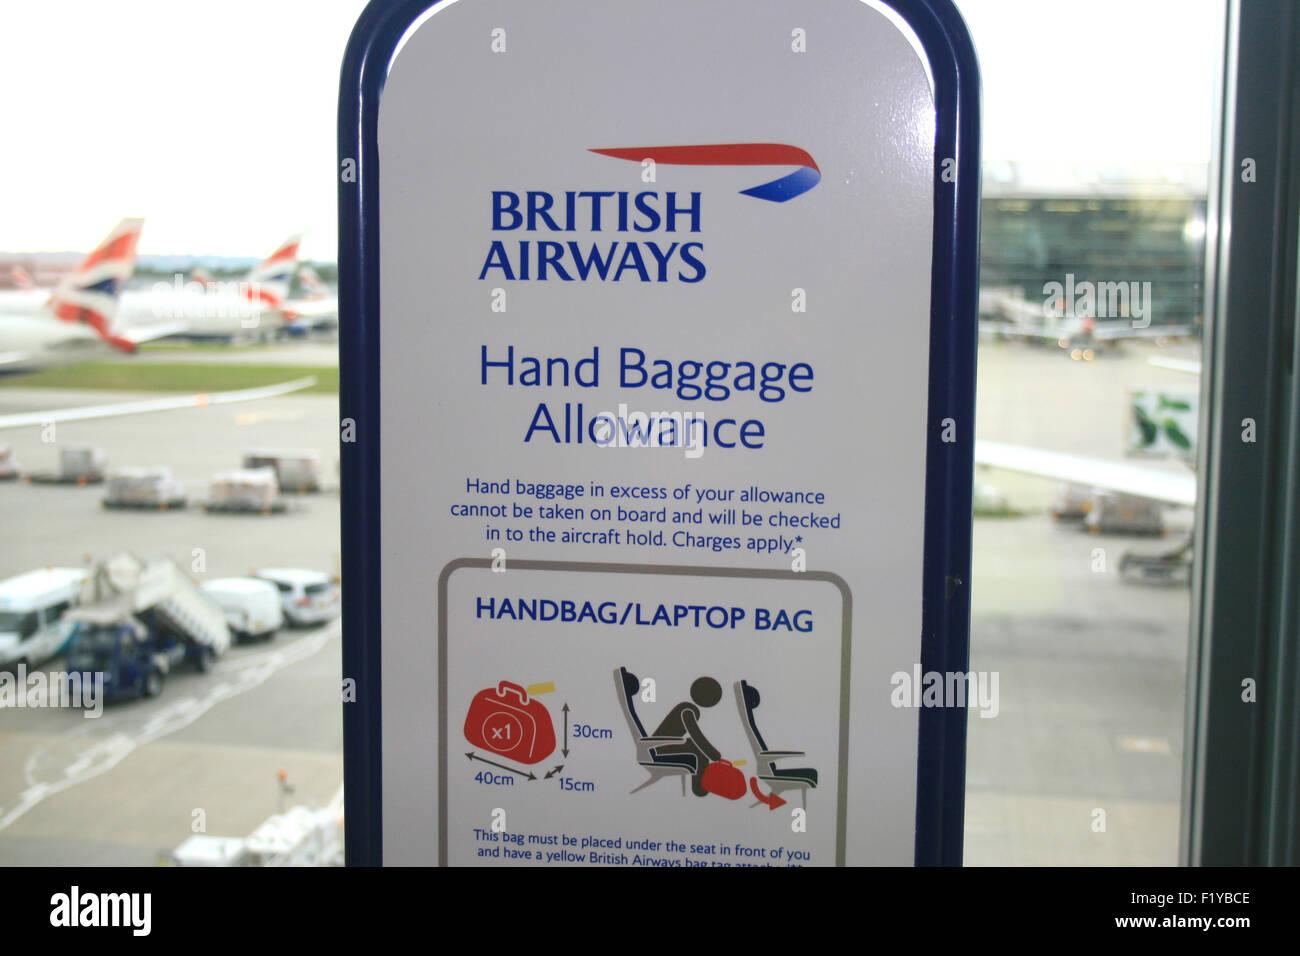 BRITISH AIRWAYS HAND GEPÄCK ZULAGE TERMINAL 5 5 Stockbild